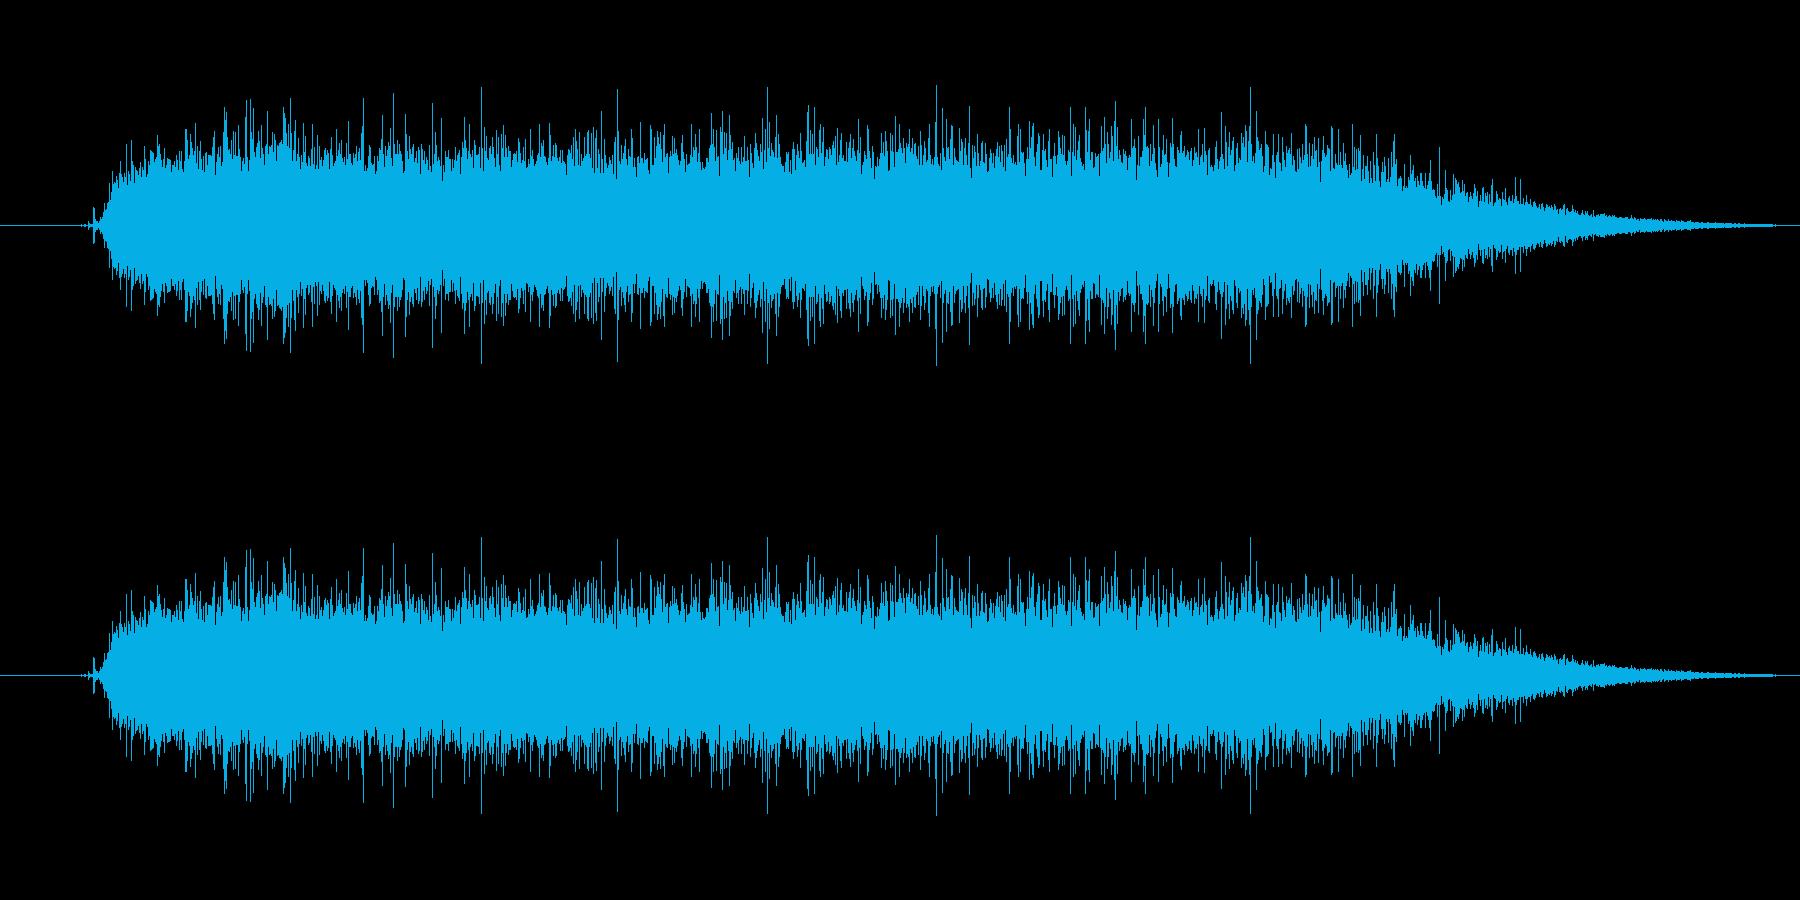 工具_ドリルの動作音2の再生済みの波形